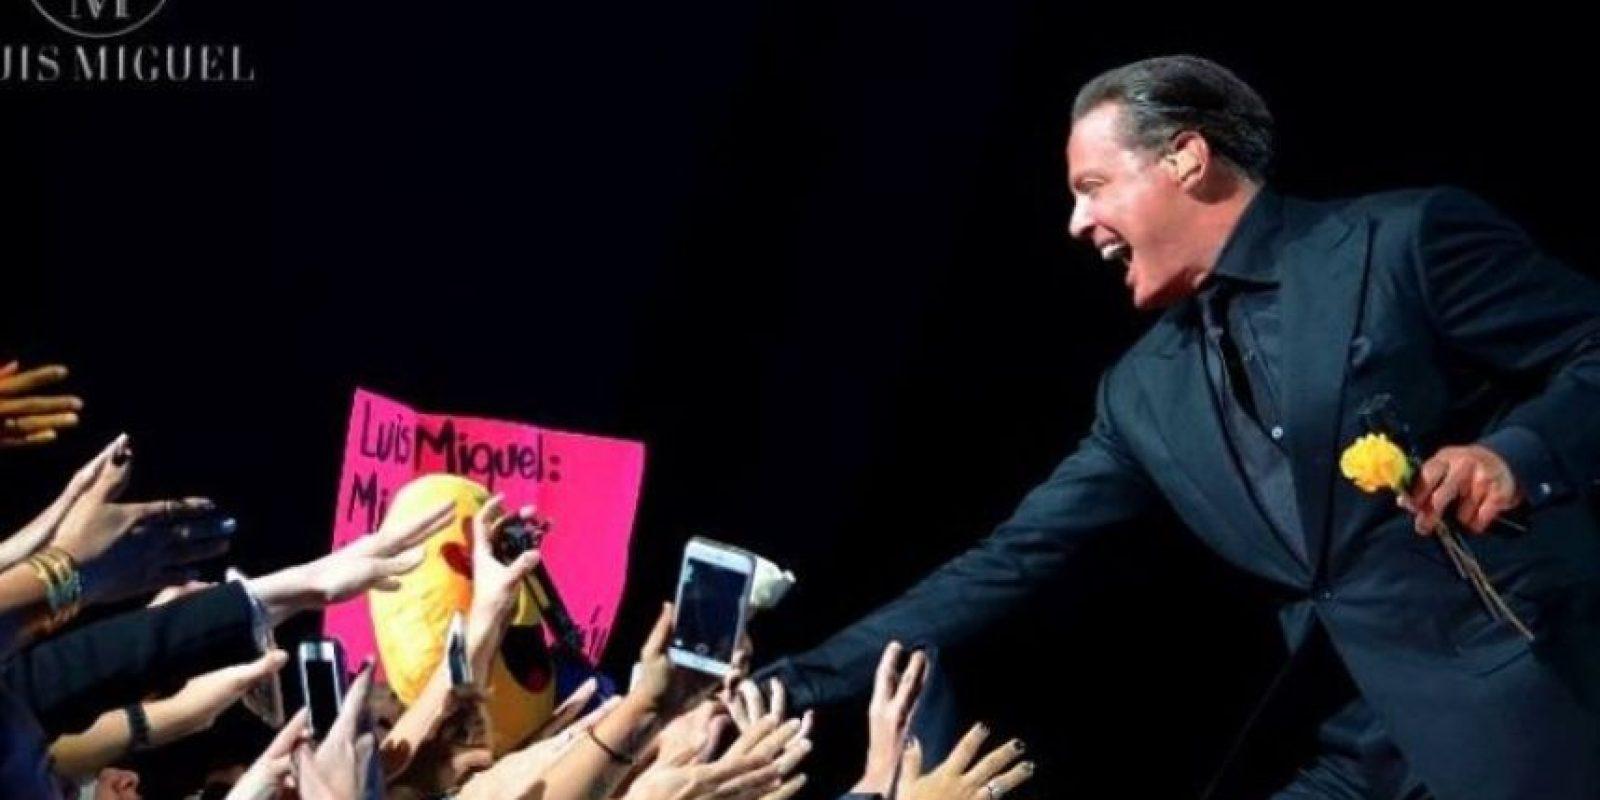 El 19 de noviembre, Luis Miguel canceló su segunda presentación en la Ciudad de México, 20 minutos después de haber iniciado. Foto:Facebook/LuisMiguel